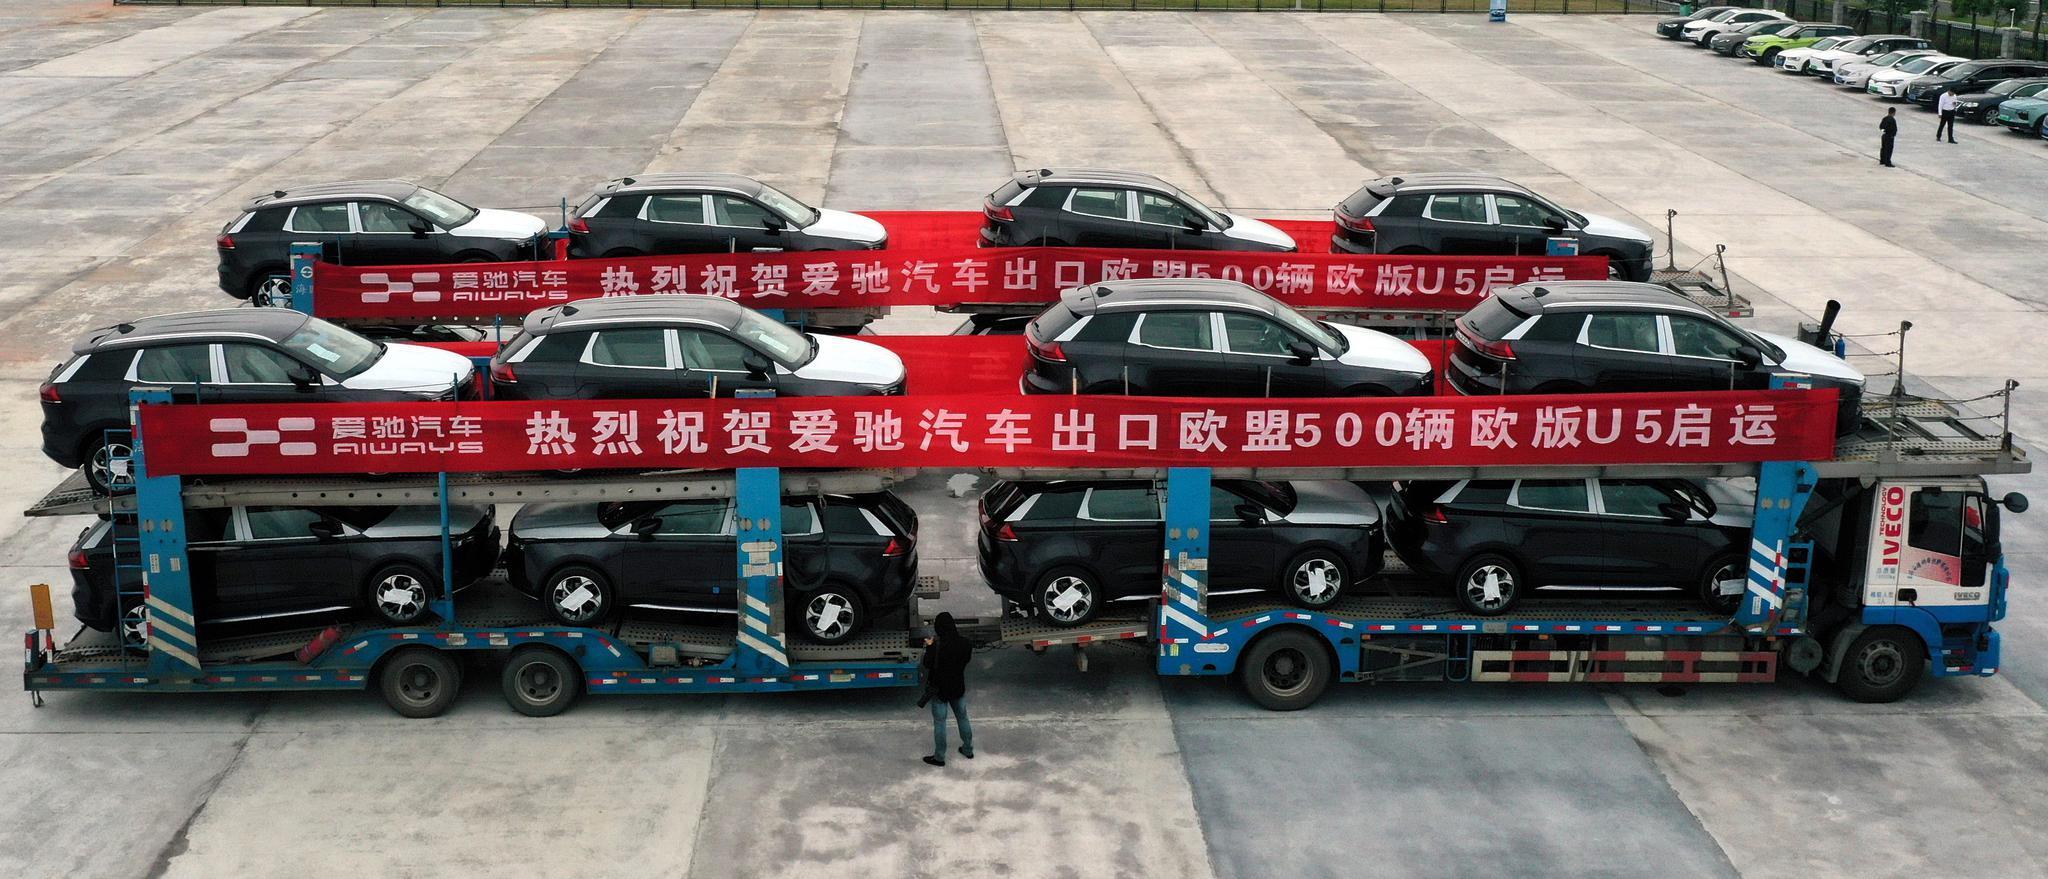 """中国新能源车企扎堆出海,怎样吃好海外""""奶酪""""?"""